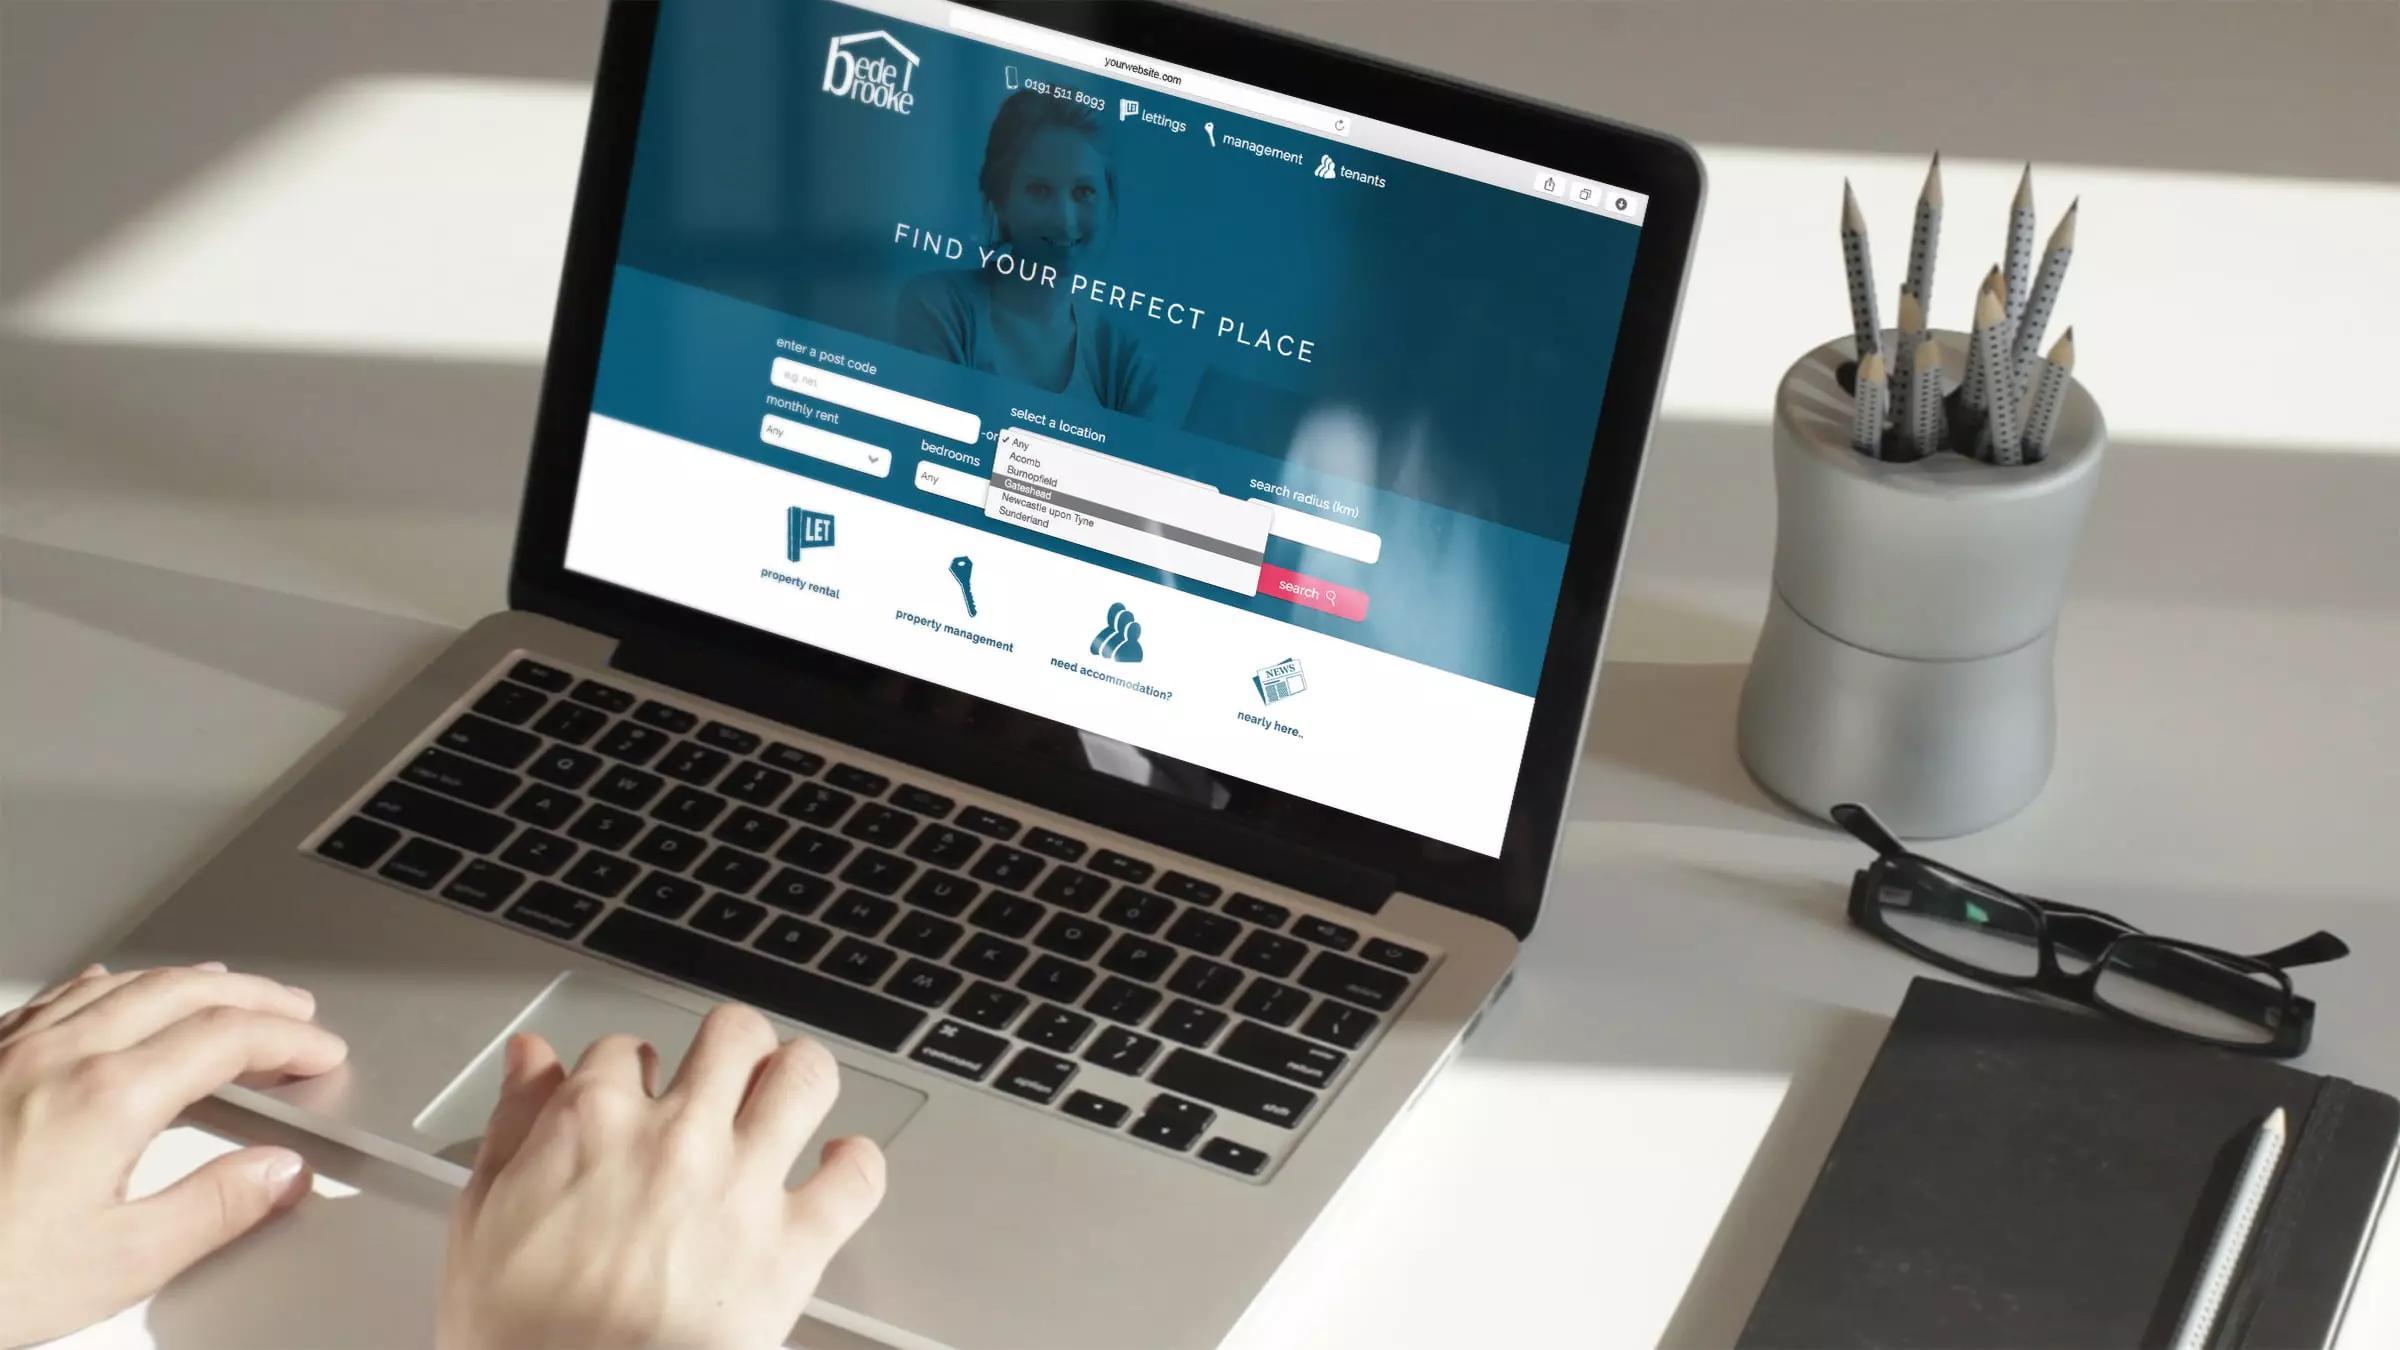 BedeBrooke website displayed on a laptop